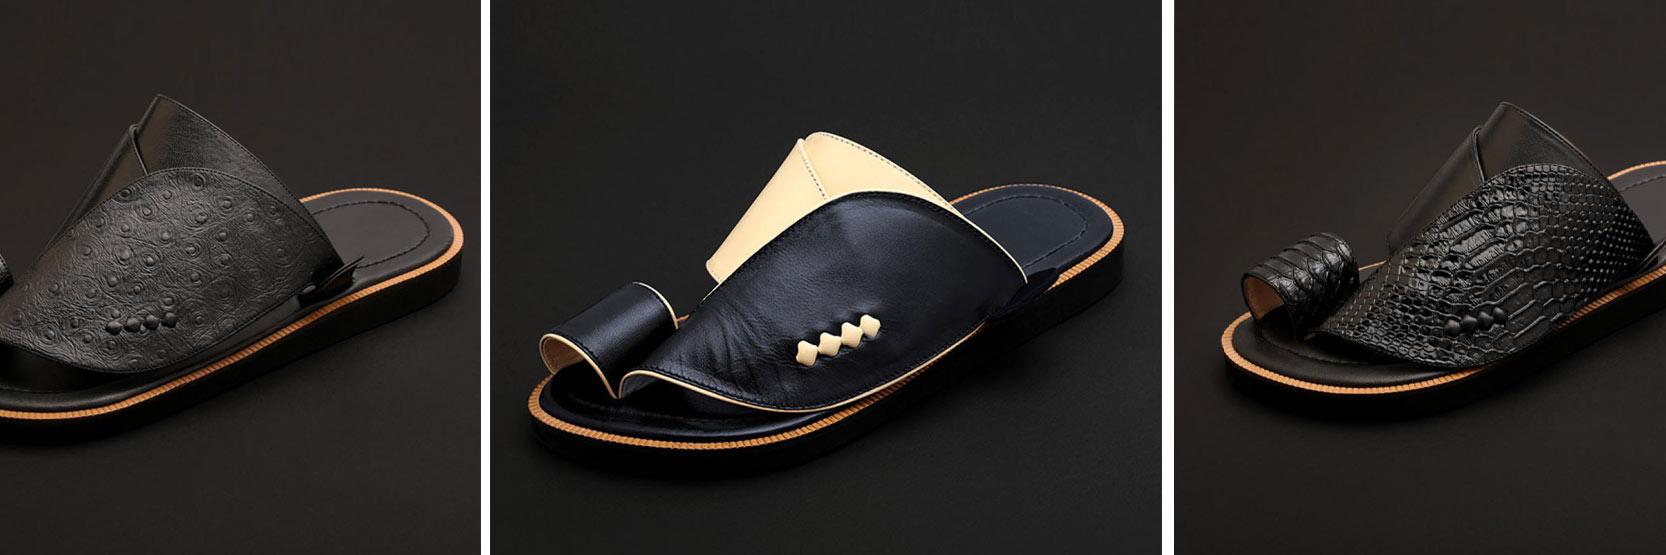 8400d4f3e571e اكتشف أبرز ماركات الأحذية الجيدة في الرياض